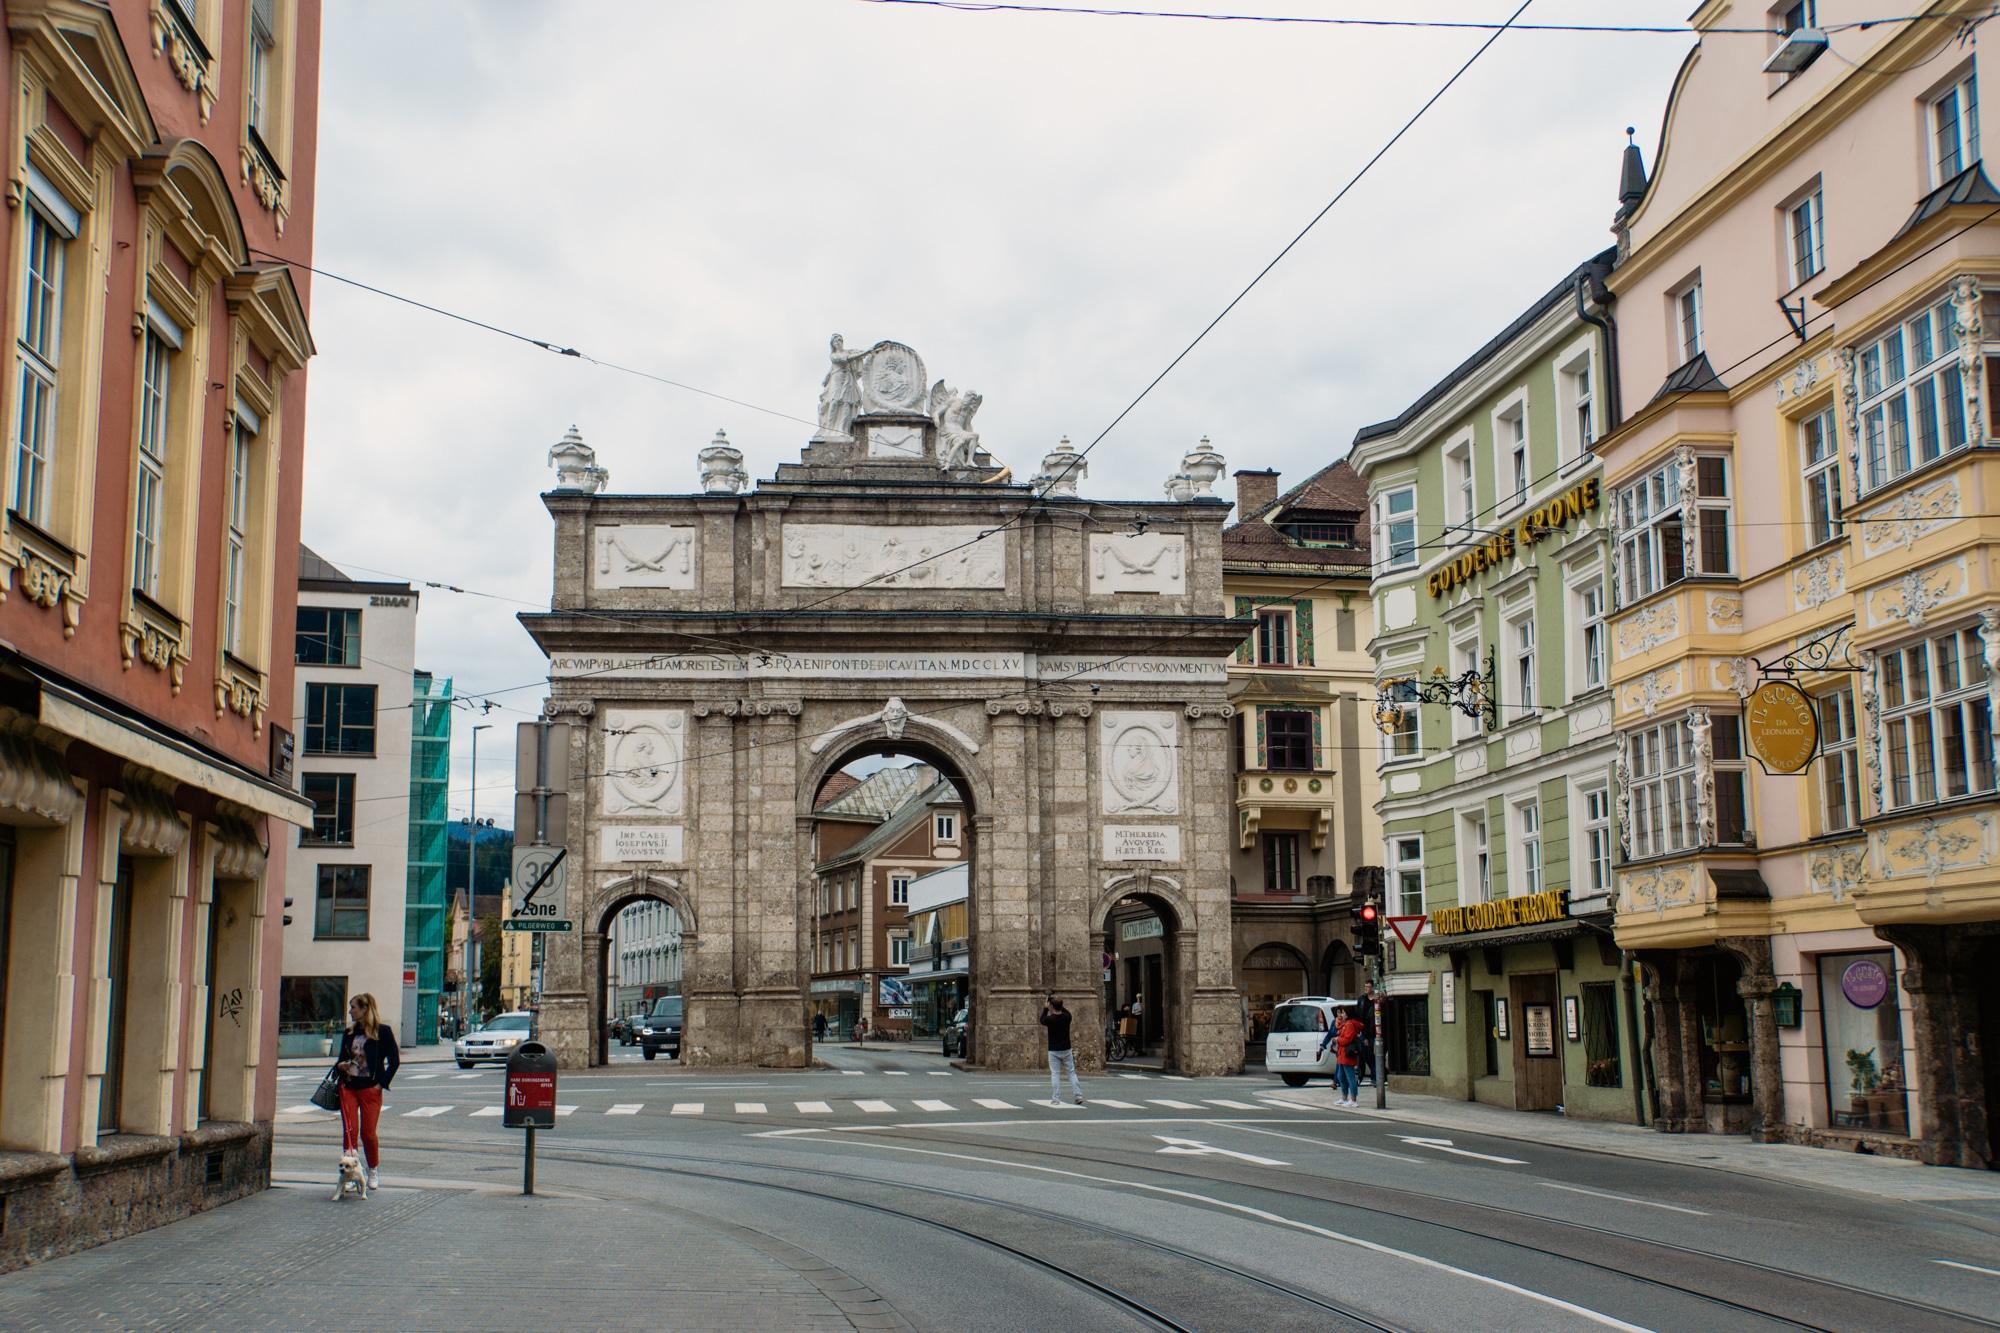 Innsbruck Sehenswürdigkeiten: Top Ten Highlights und Tipps für die Stadt - Triumphpforte